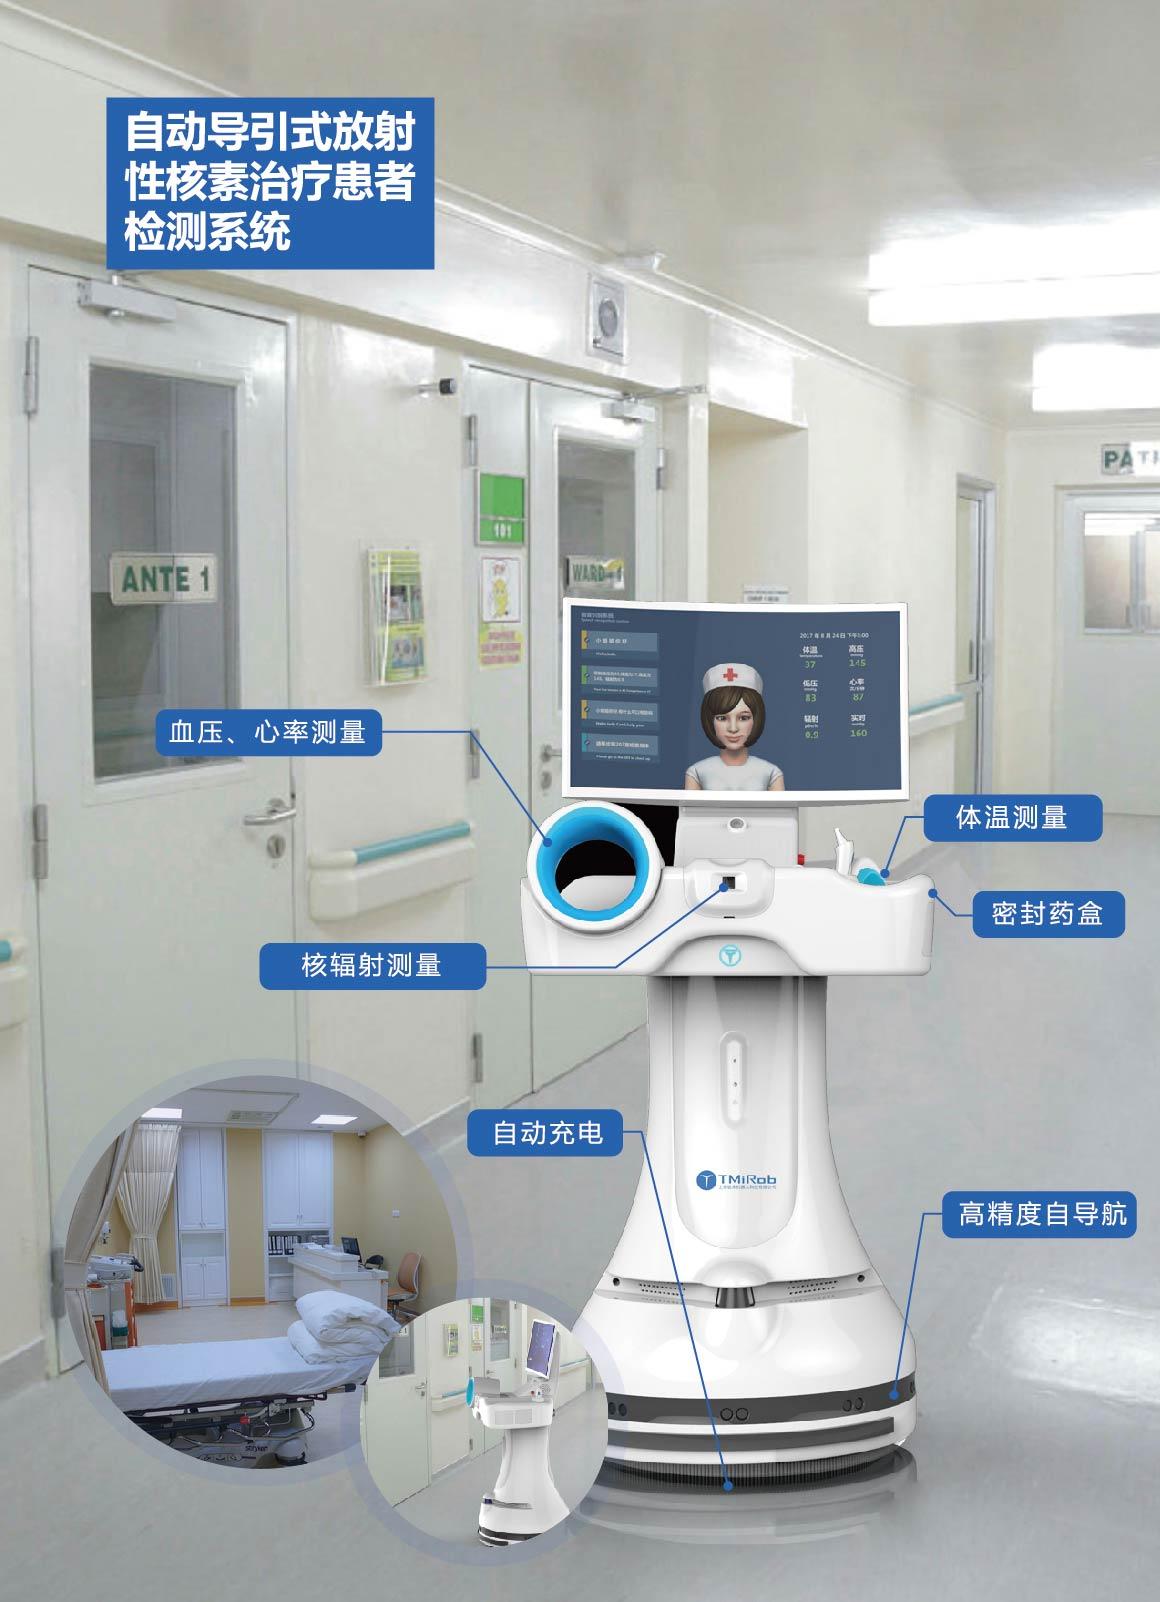 核医学-02.jpg